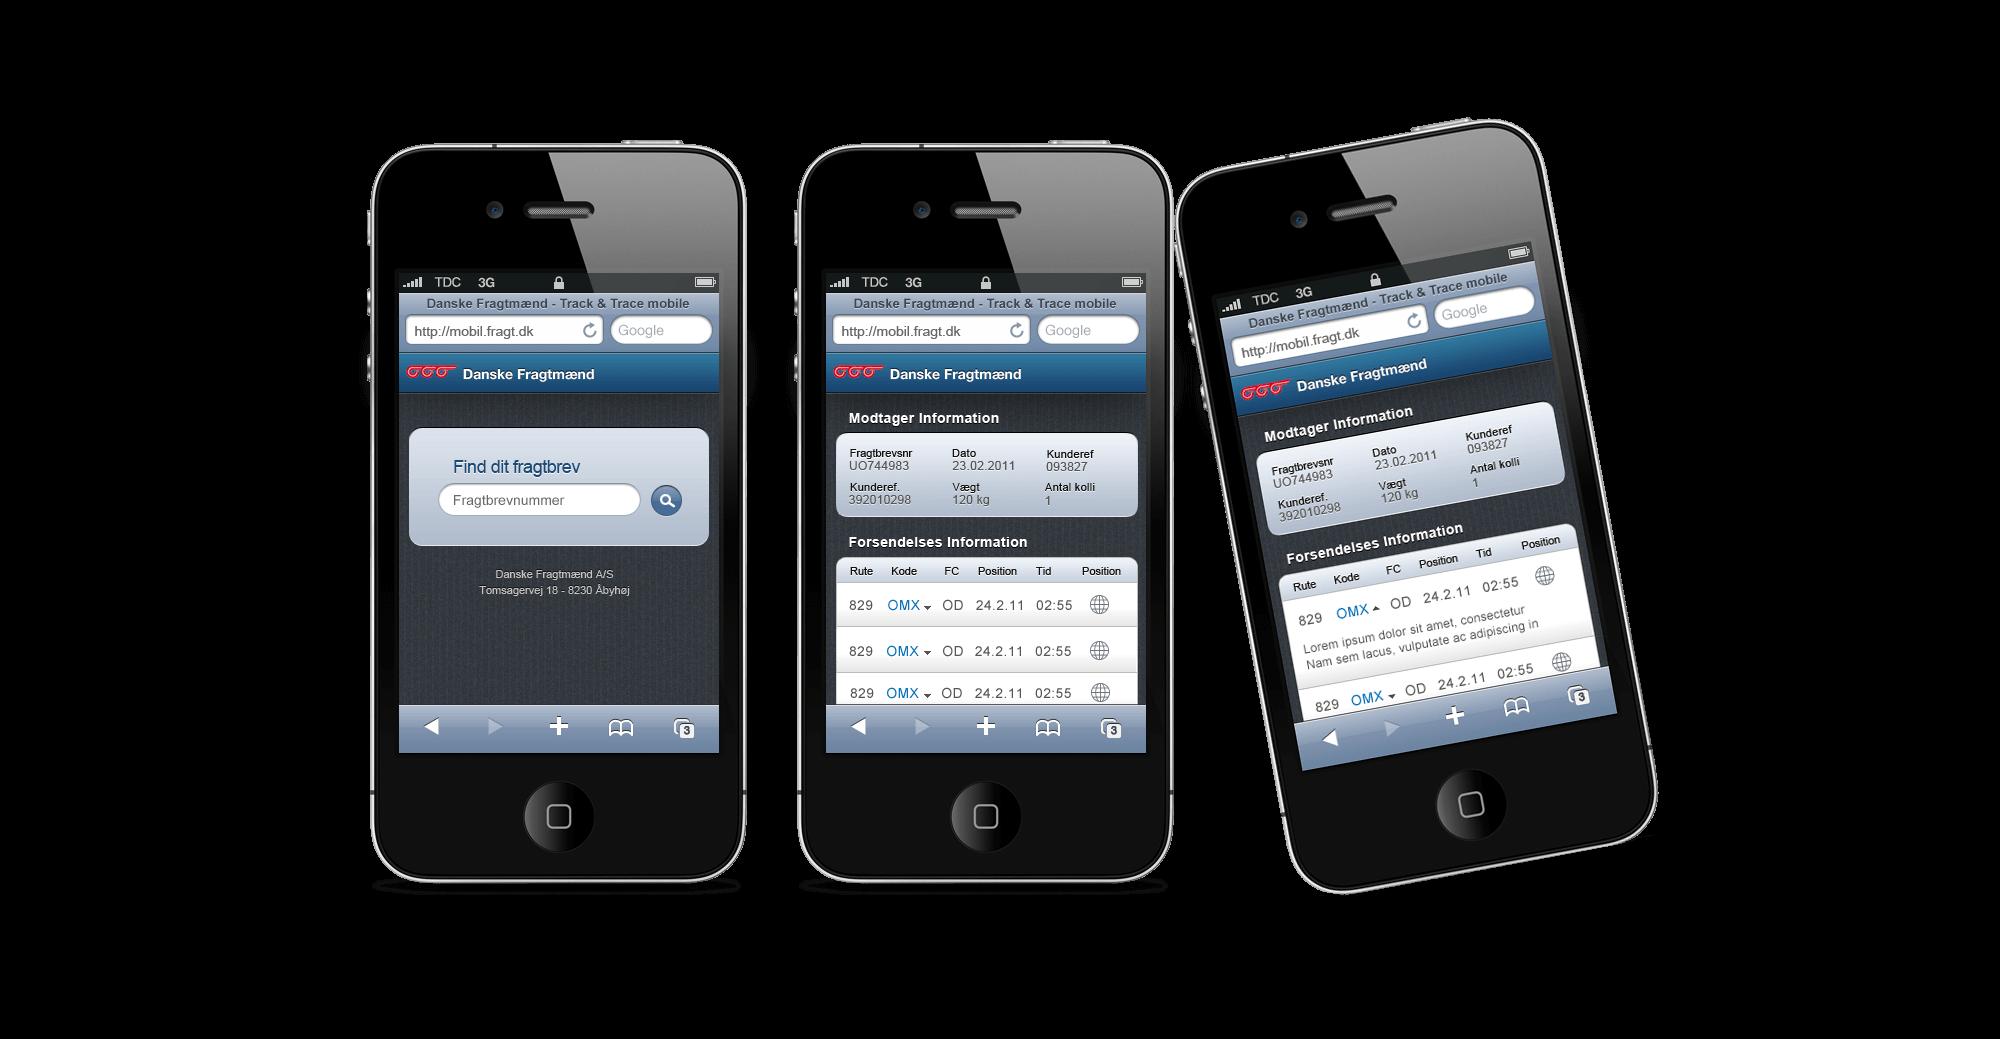 Danske Fragtmænd Mobile Web App